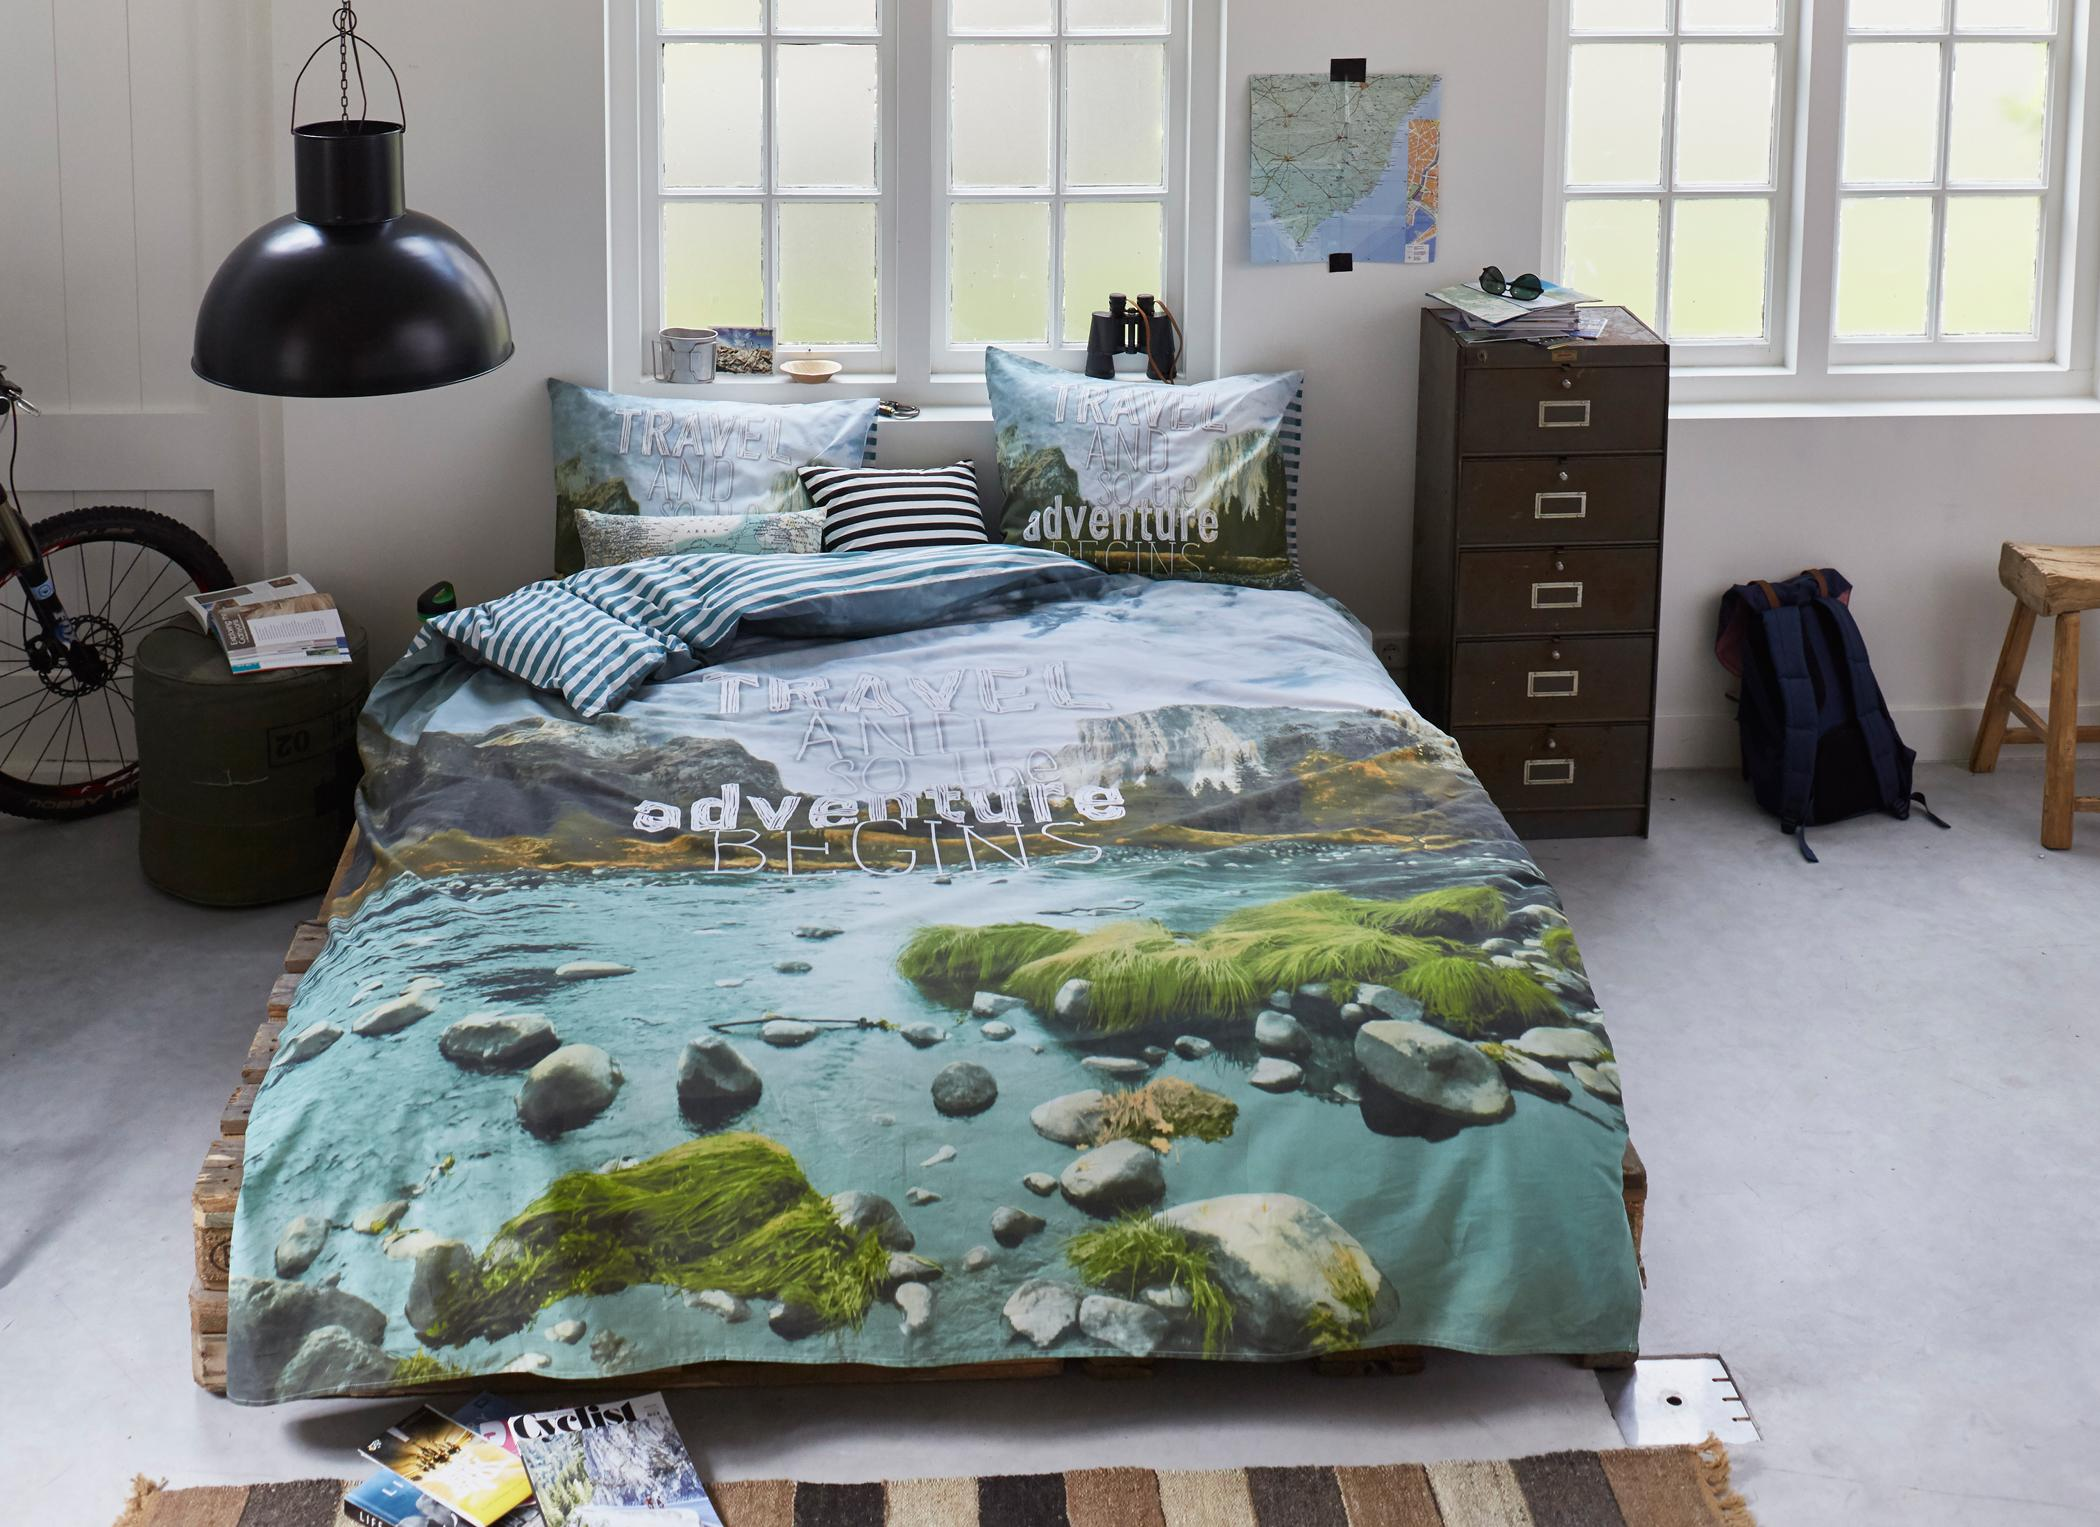 Jugendbett bilder ideen couchstyle for Zimmergestaltung jugendzimmer